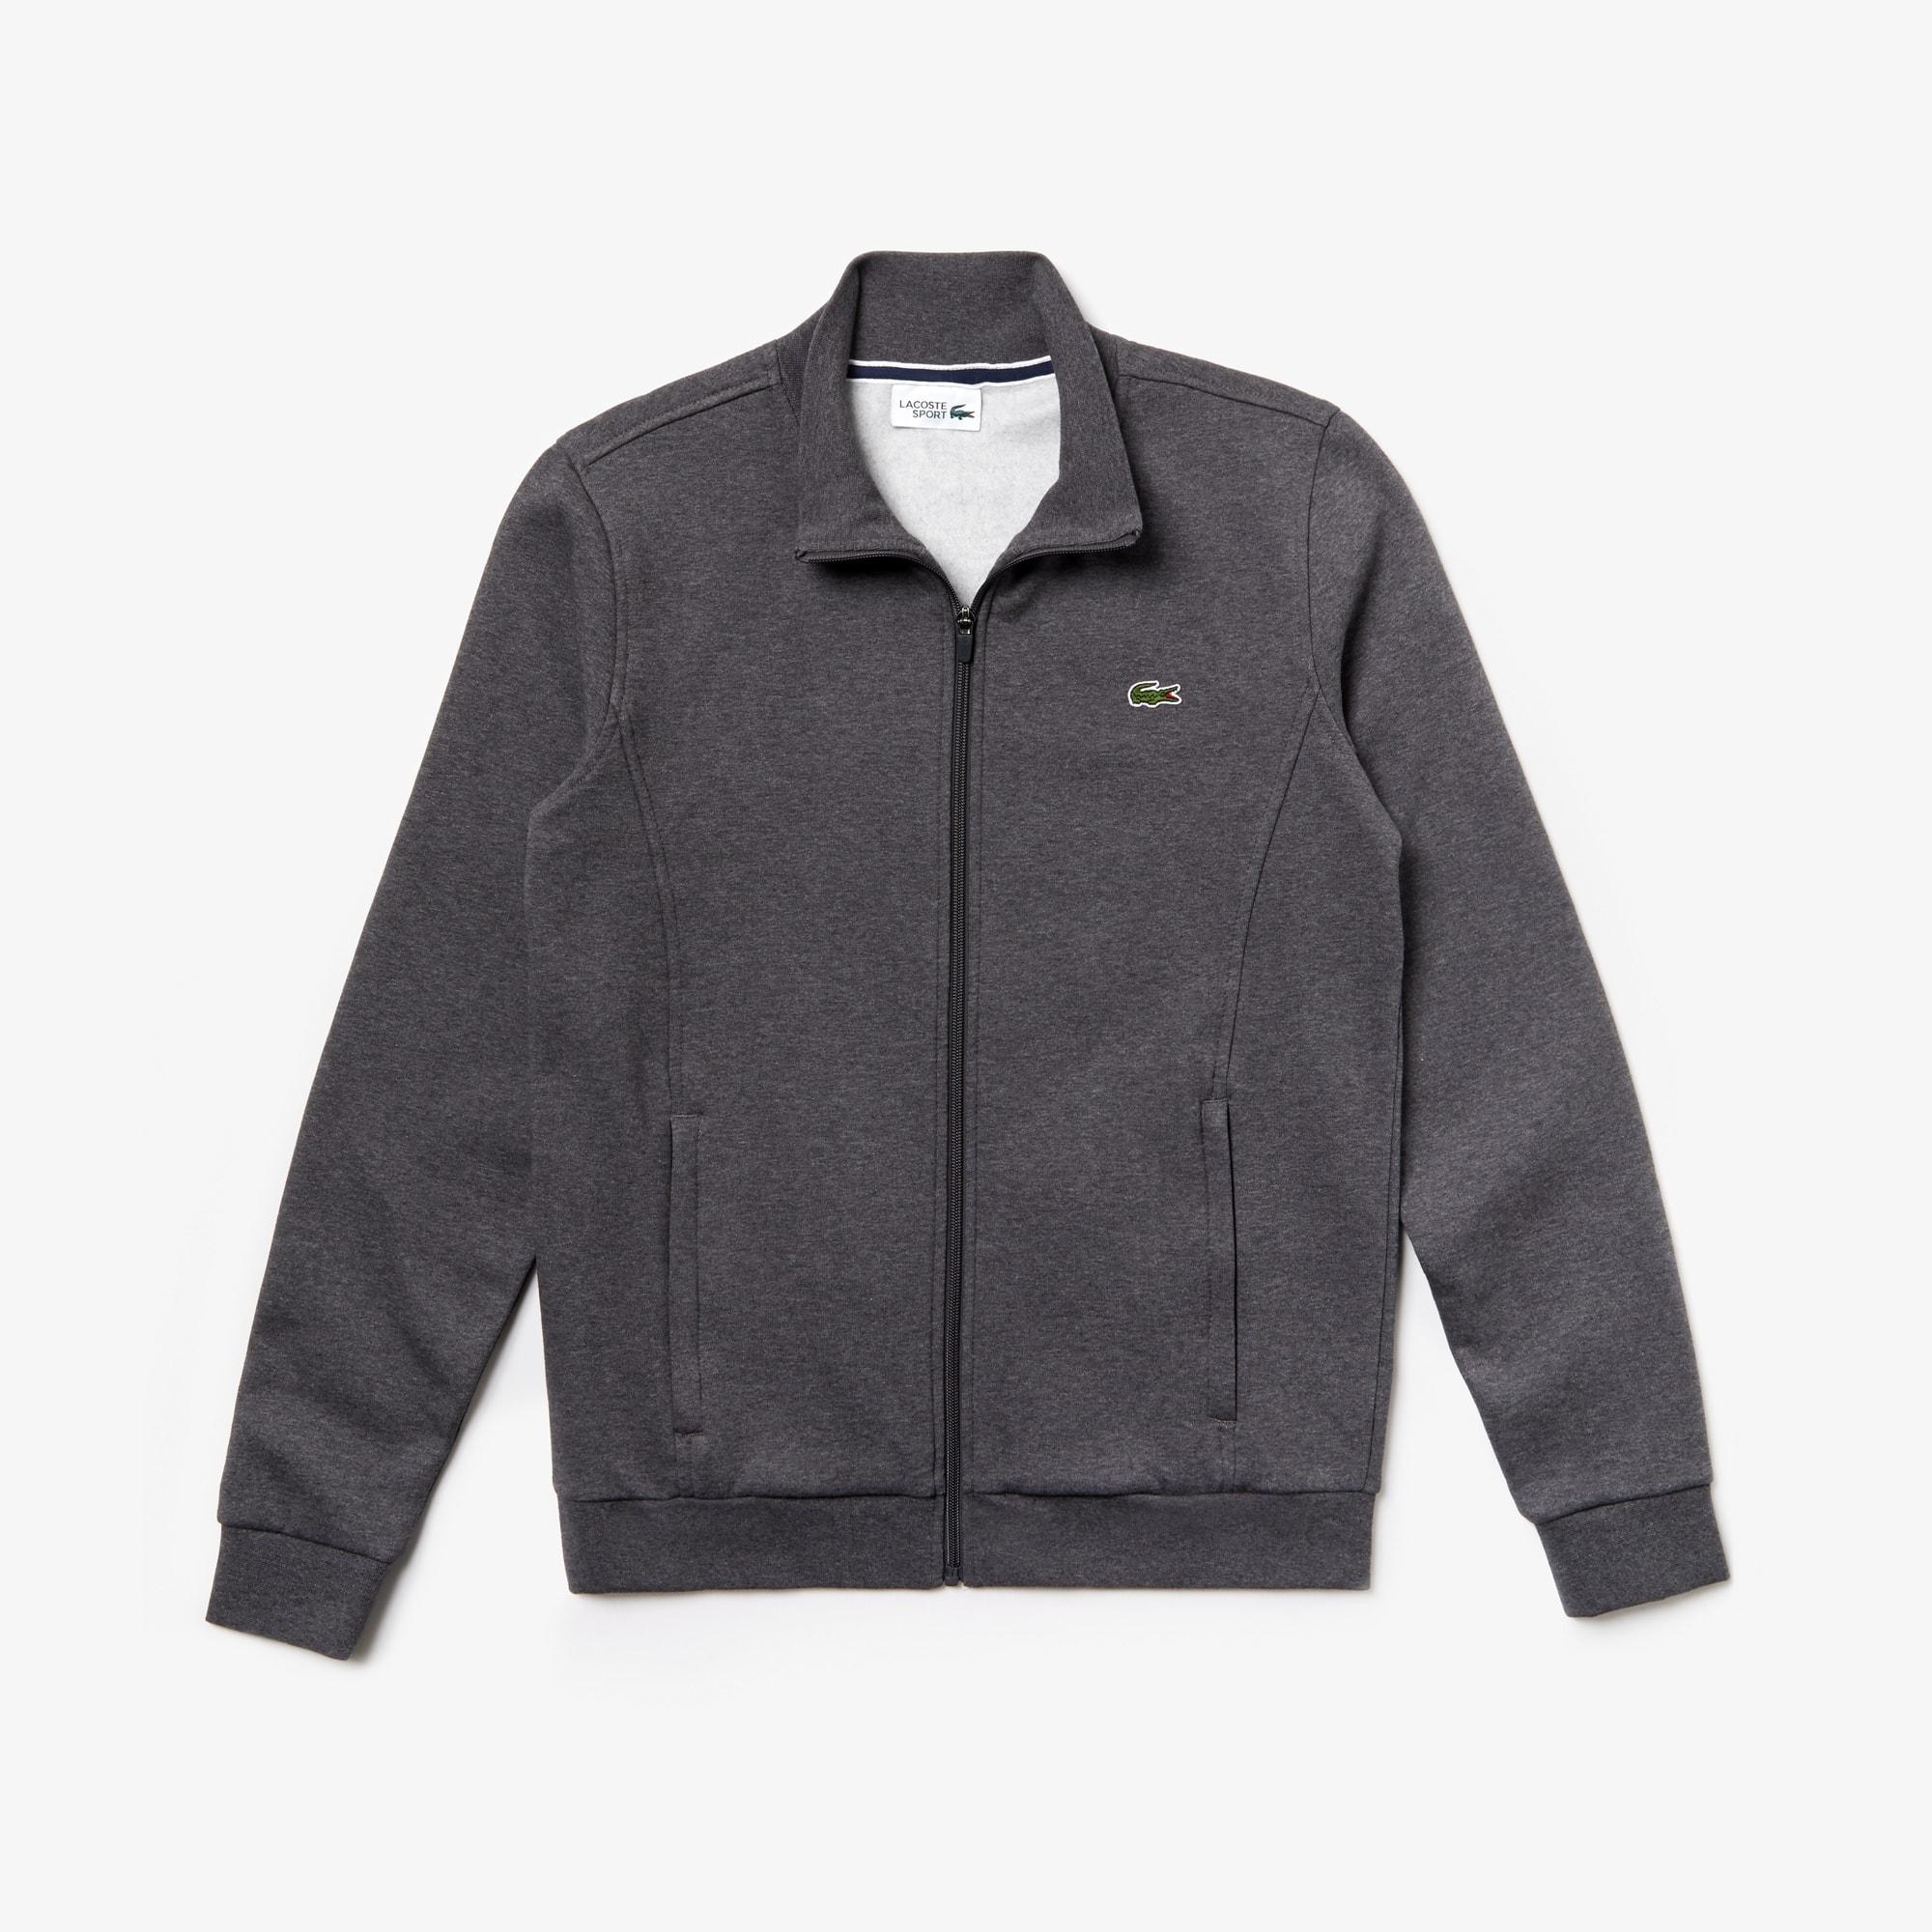 afce45233e Men's Lacoste SPORT zip-up fleece sweatshirt